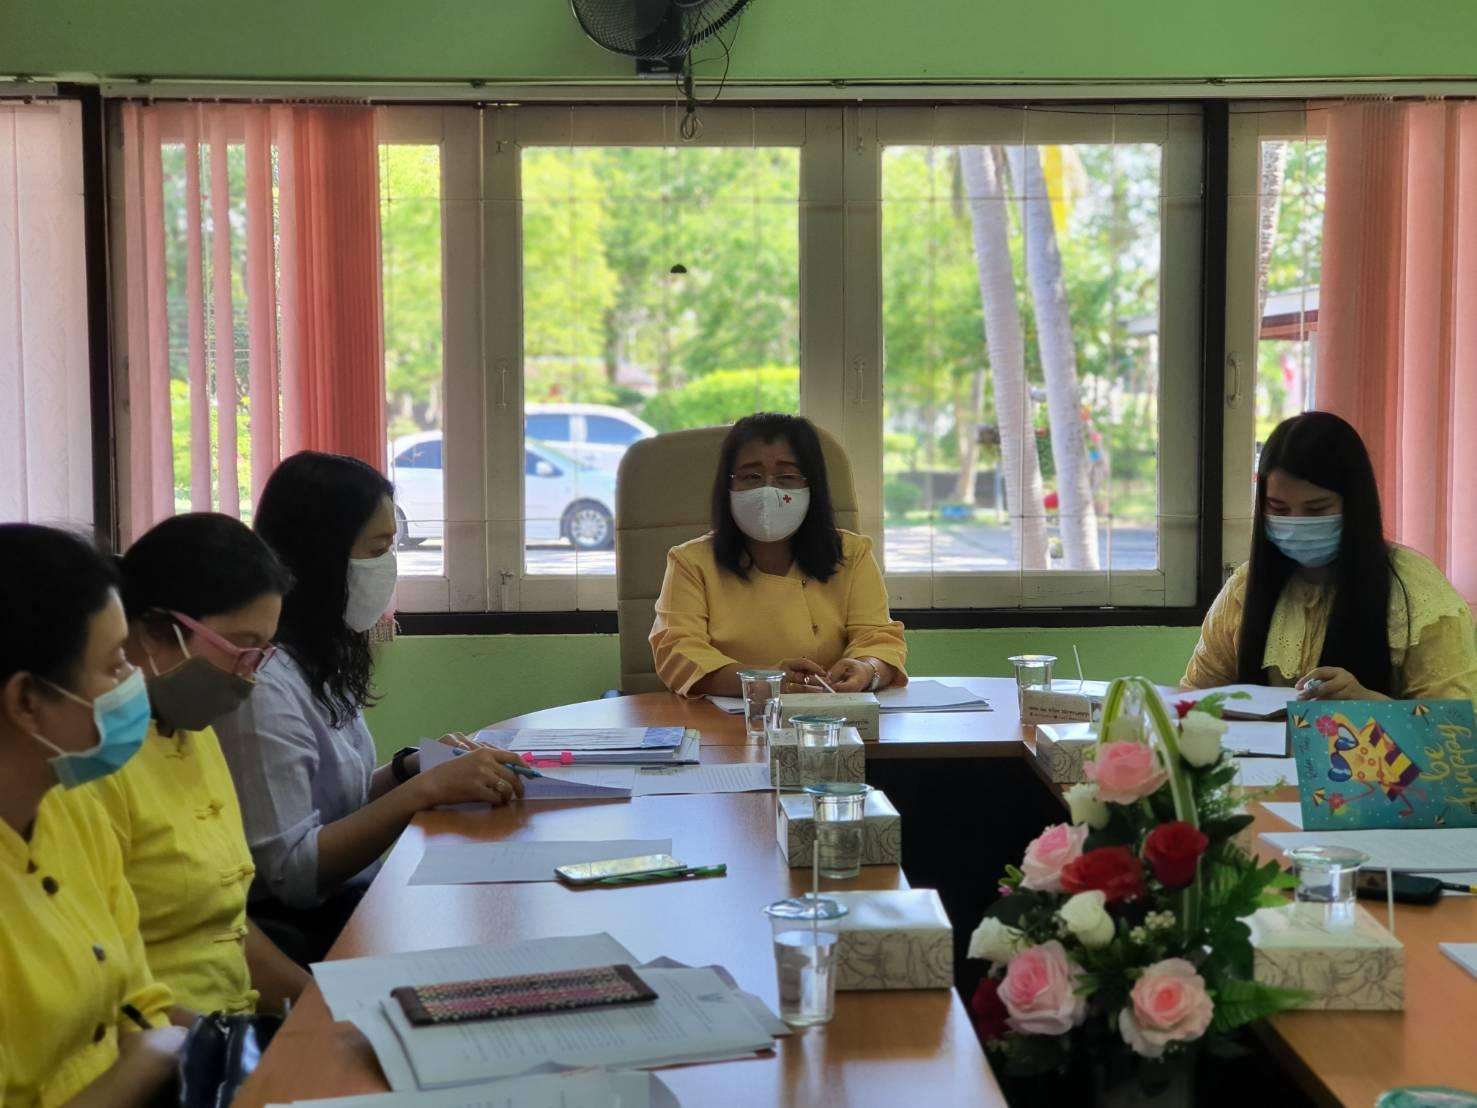 ผู้อำนวยการสำนักงาน กศน. จังหวัดกำแพงเพชร เข้าร่วมประชุมข้าราชการครู เพื่อพิจารณาจัดทำหลักสูตรการอบรมข้าราชการ สายผู้สอน ประจำปี 2563